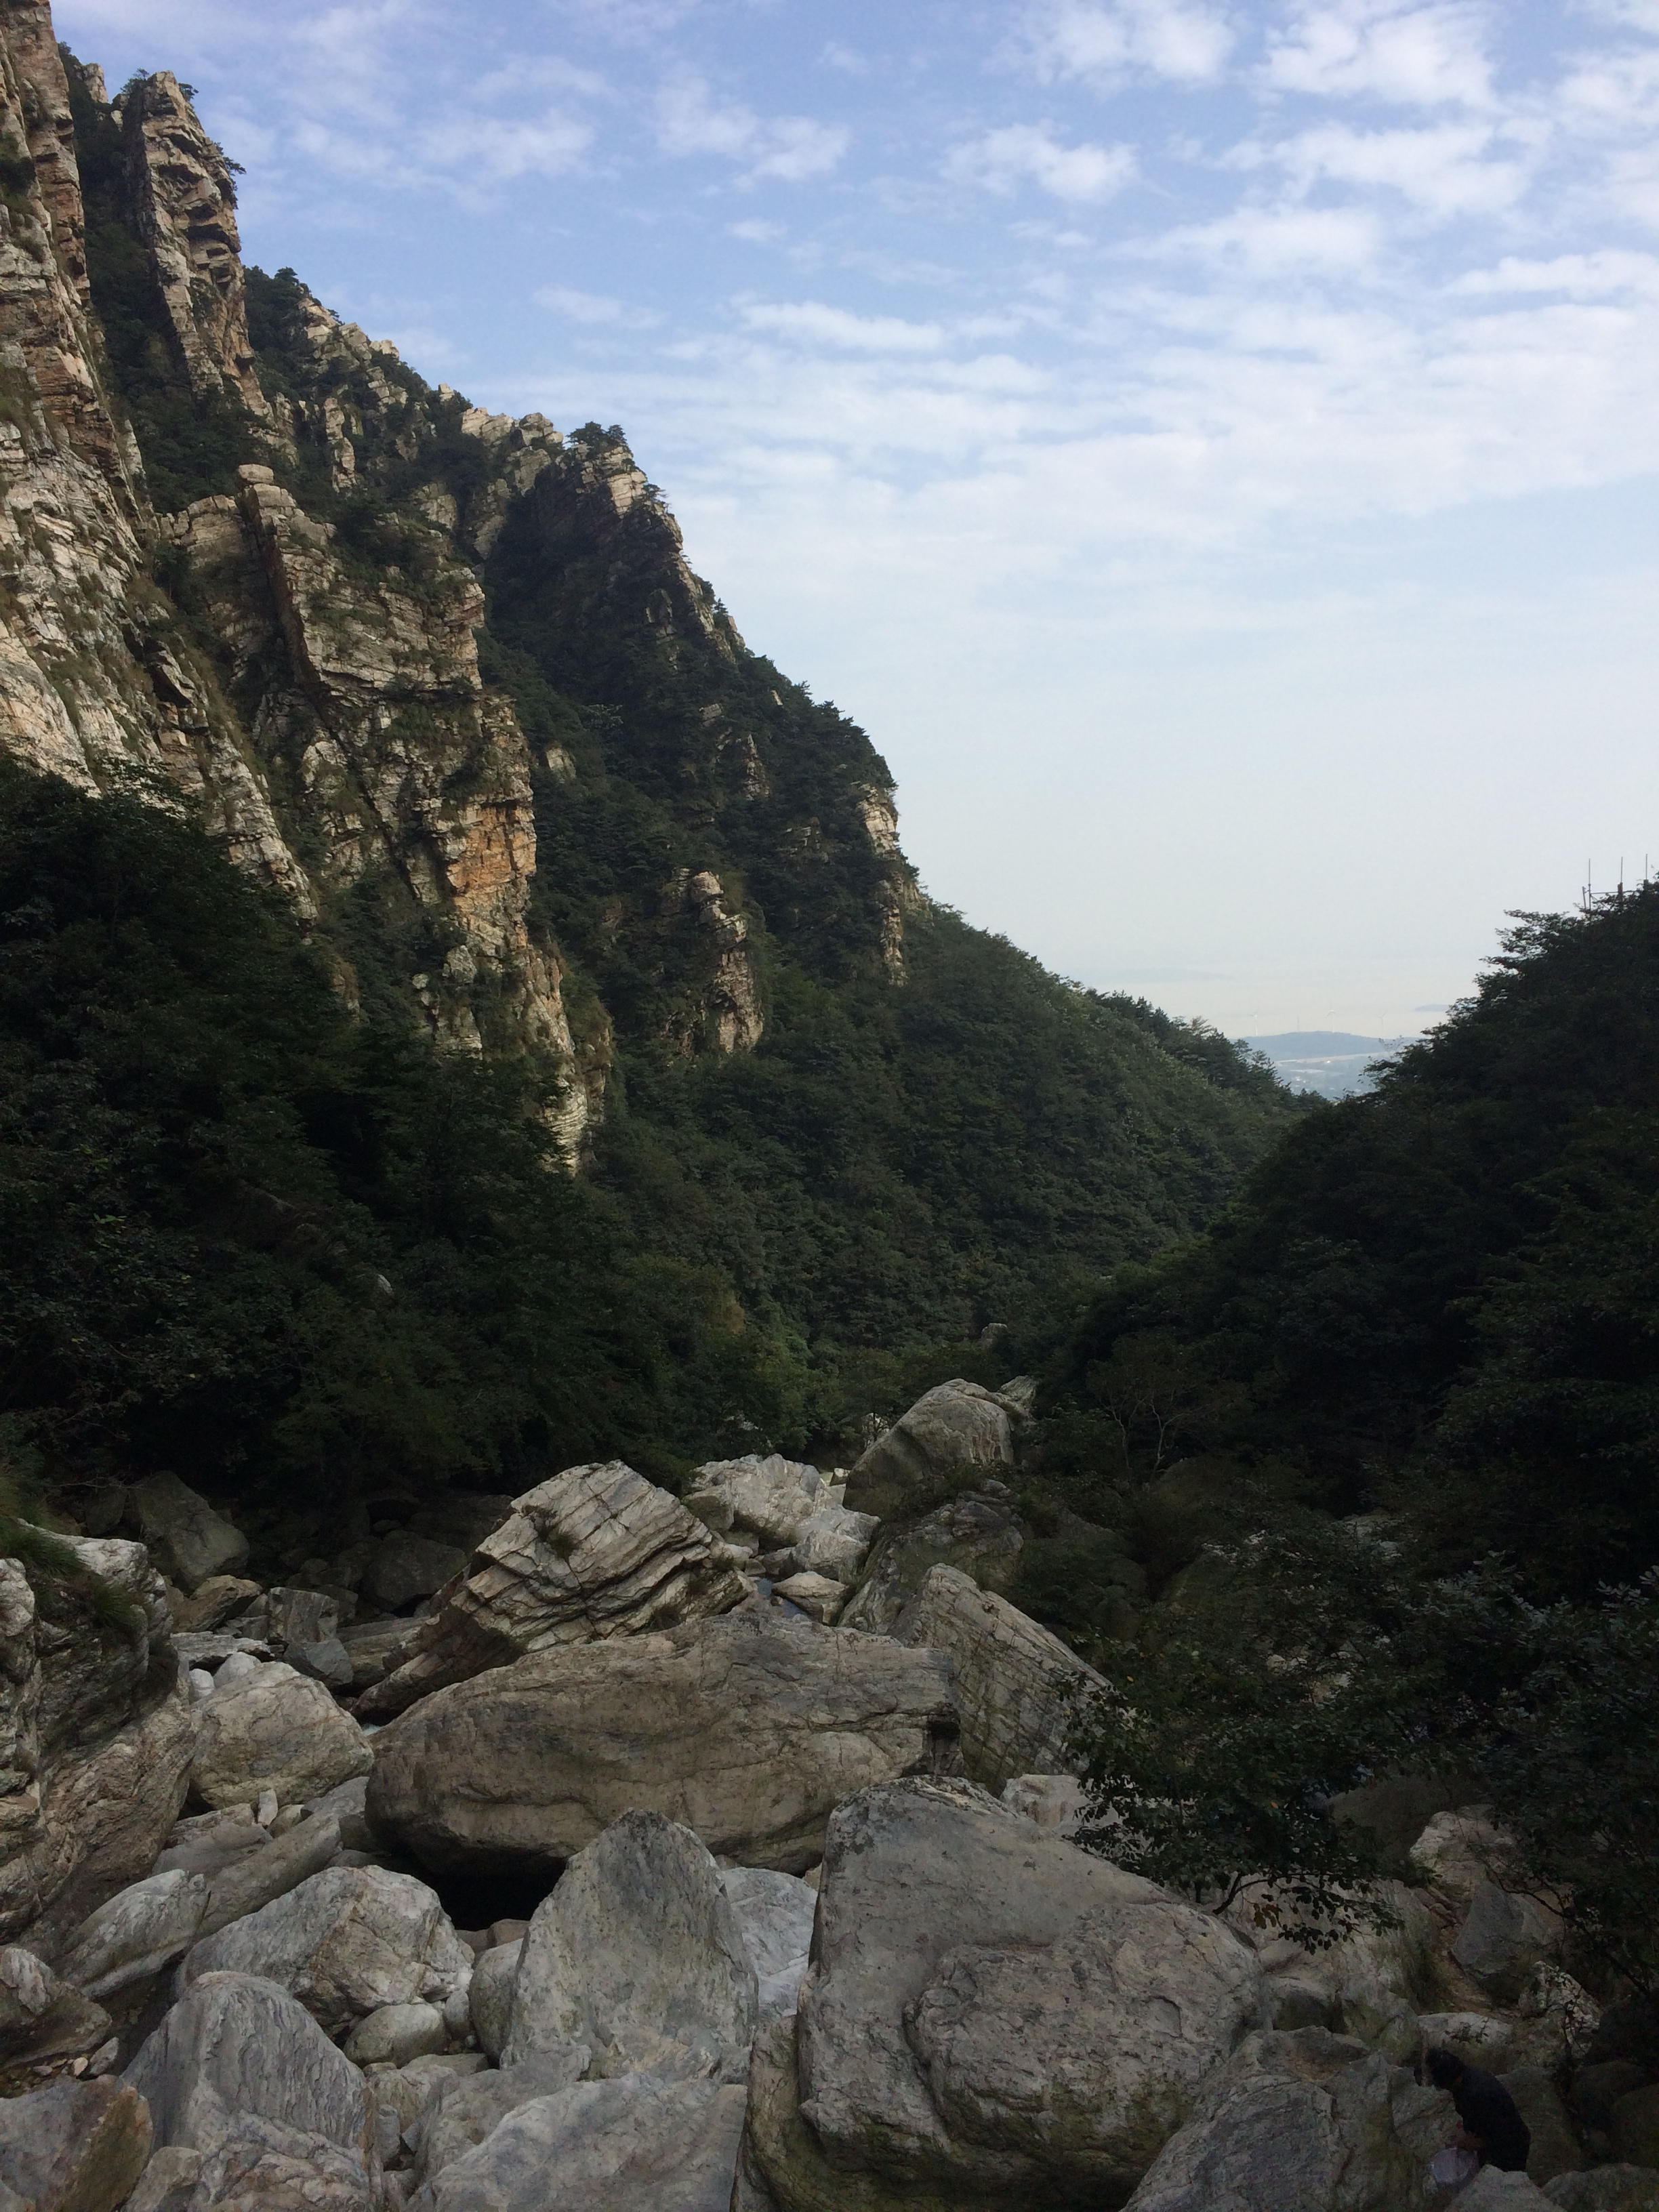 峡谷中有很多大石头,溪水在石头中缓缓流淌.水很清澈.冰凉凉的.